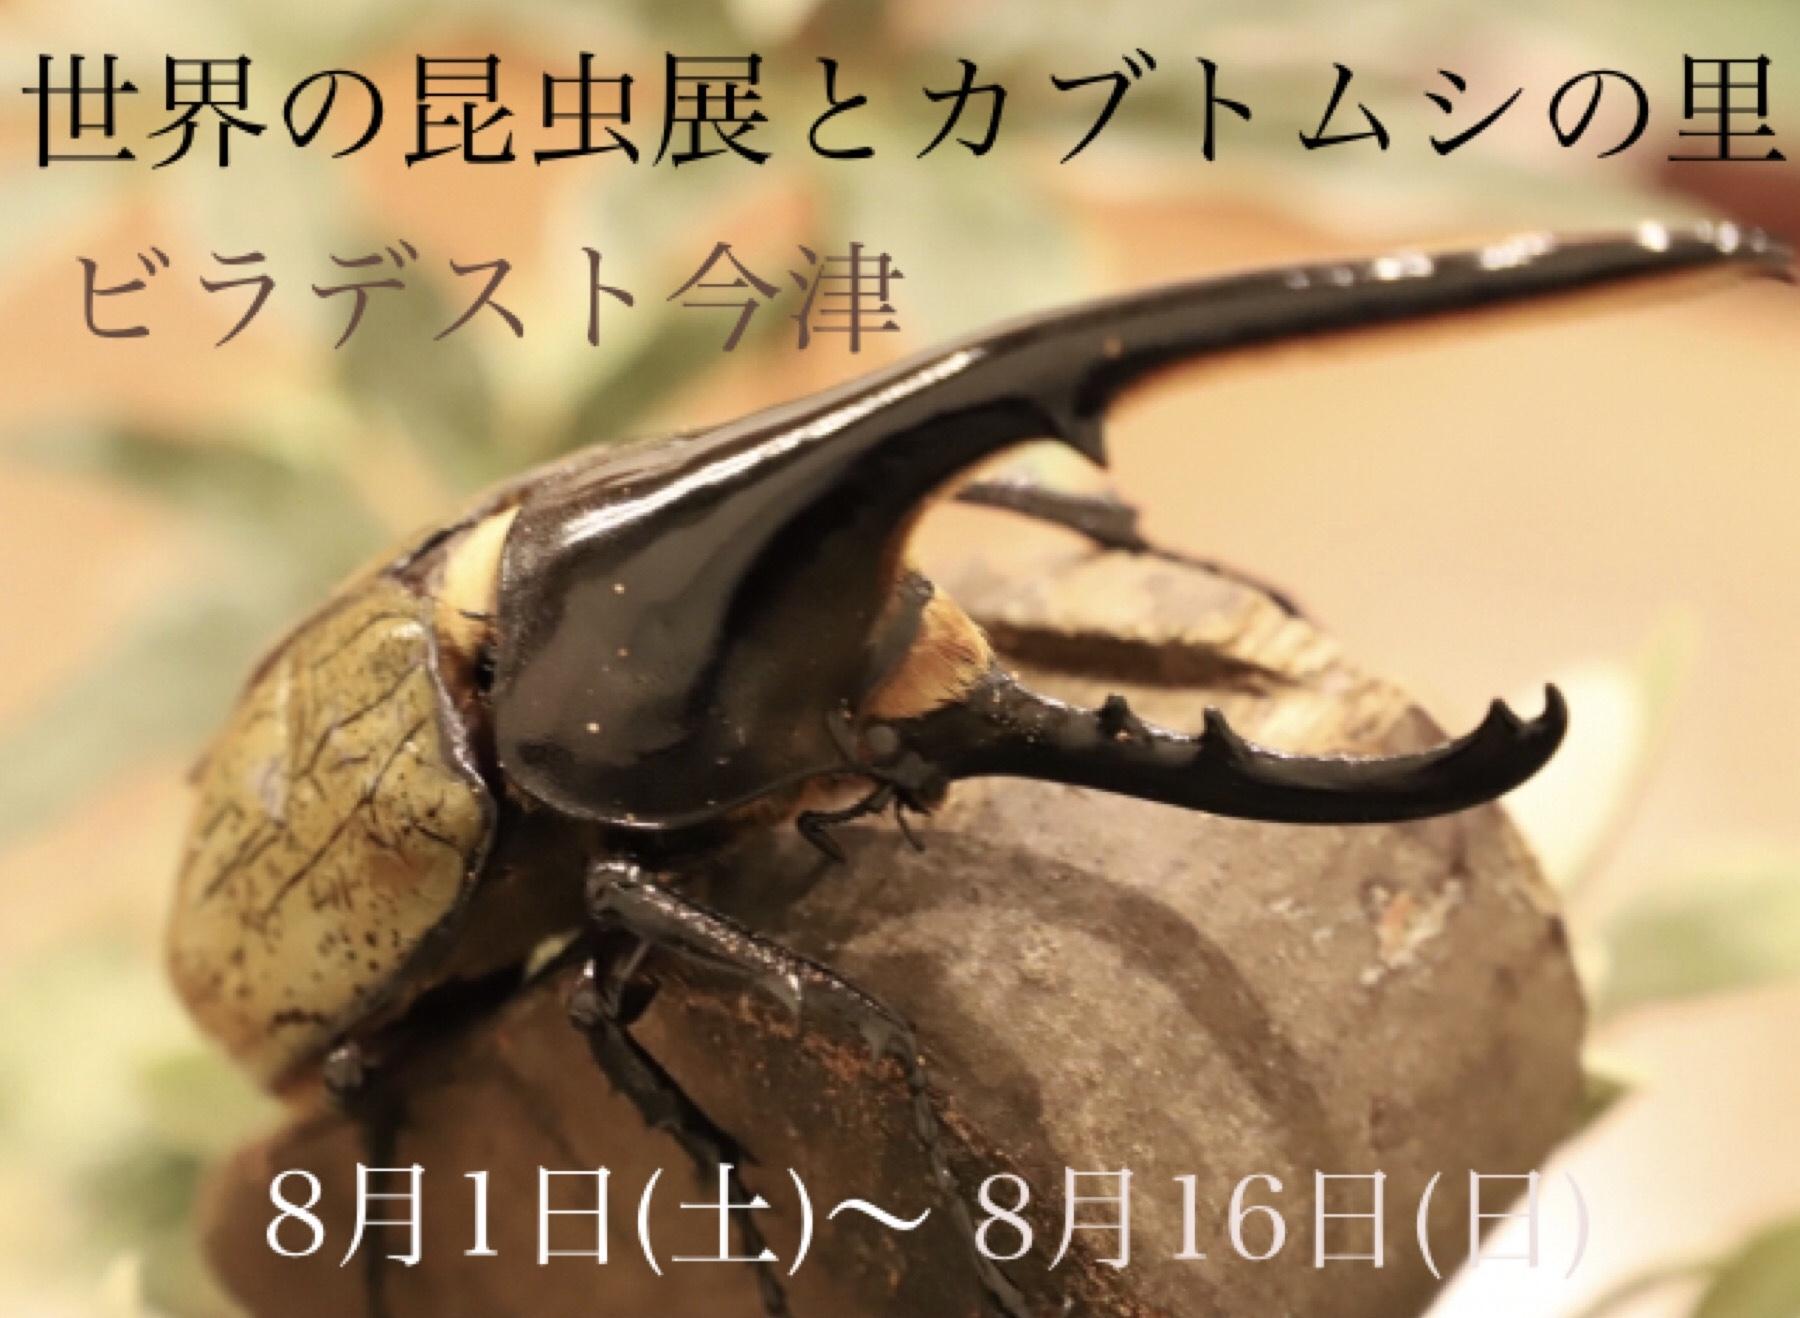 ビラデスト今津で「世界の昆虫展とカブトムシの里」開催! 世界の昆虫と写真を撮ったり、カブトムシと触れ合おう♪